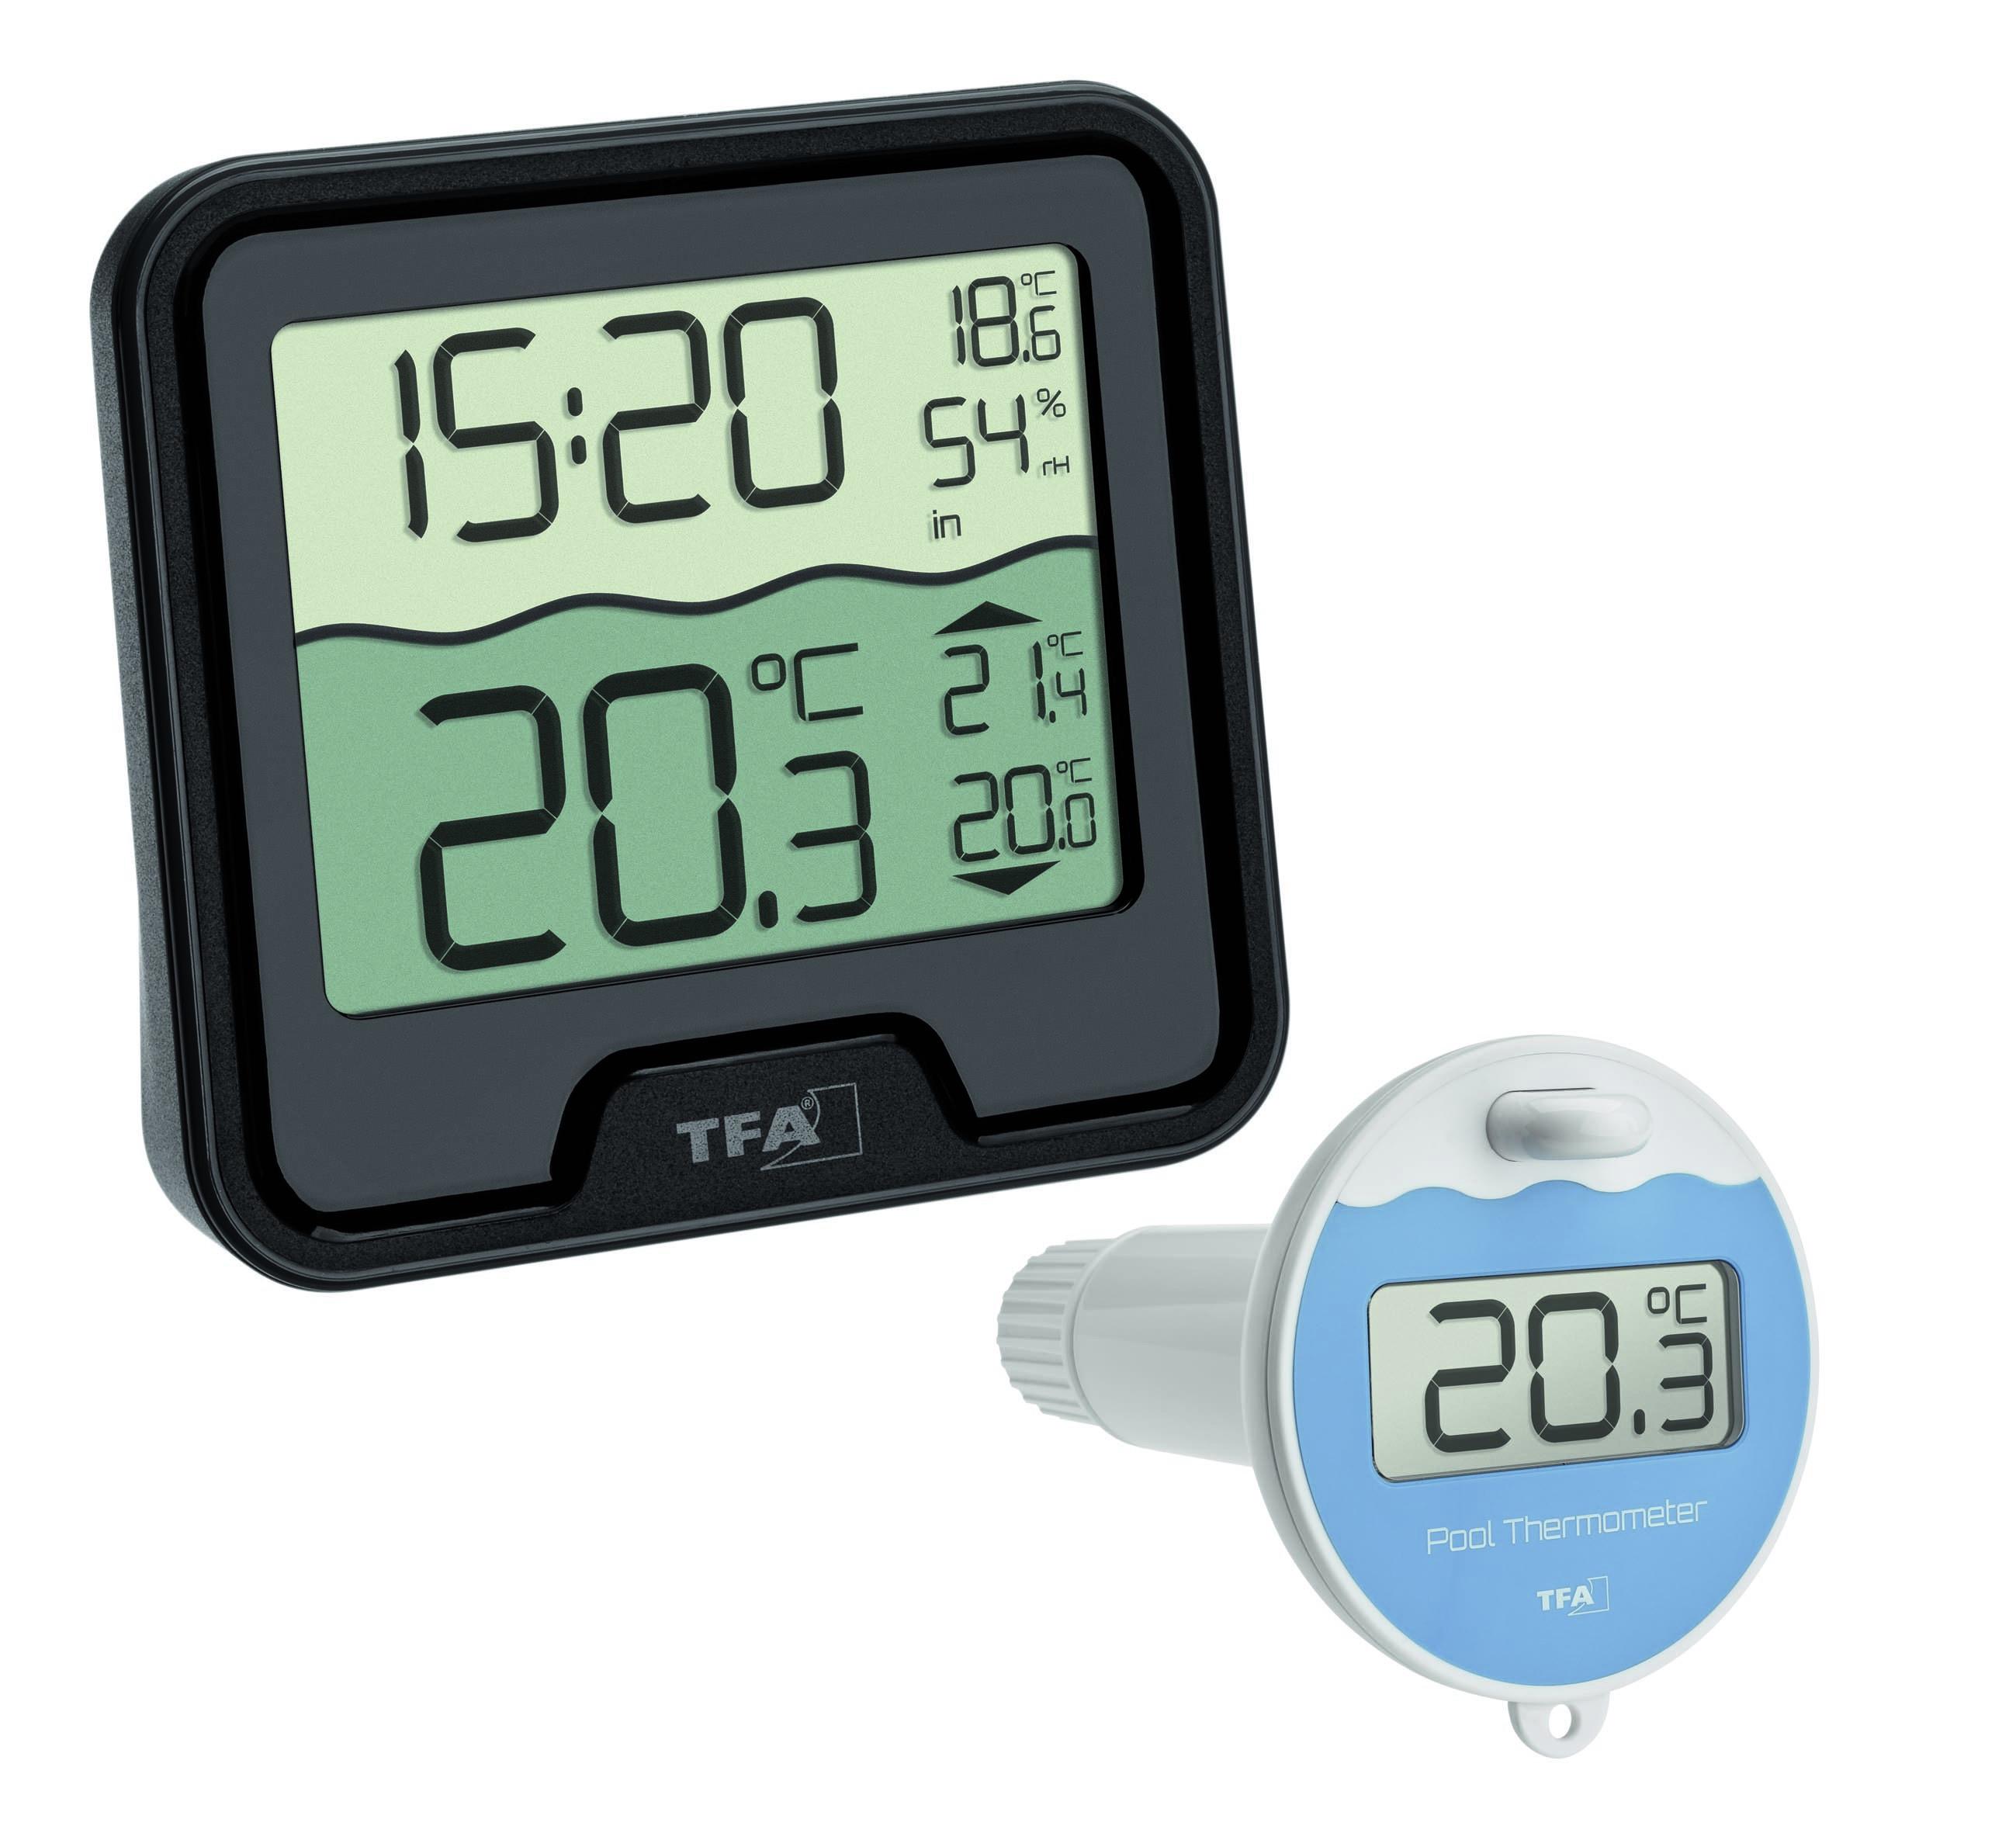 Беспроводной термометр для бассейна MARBELLA TFA